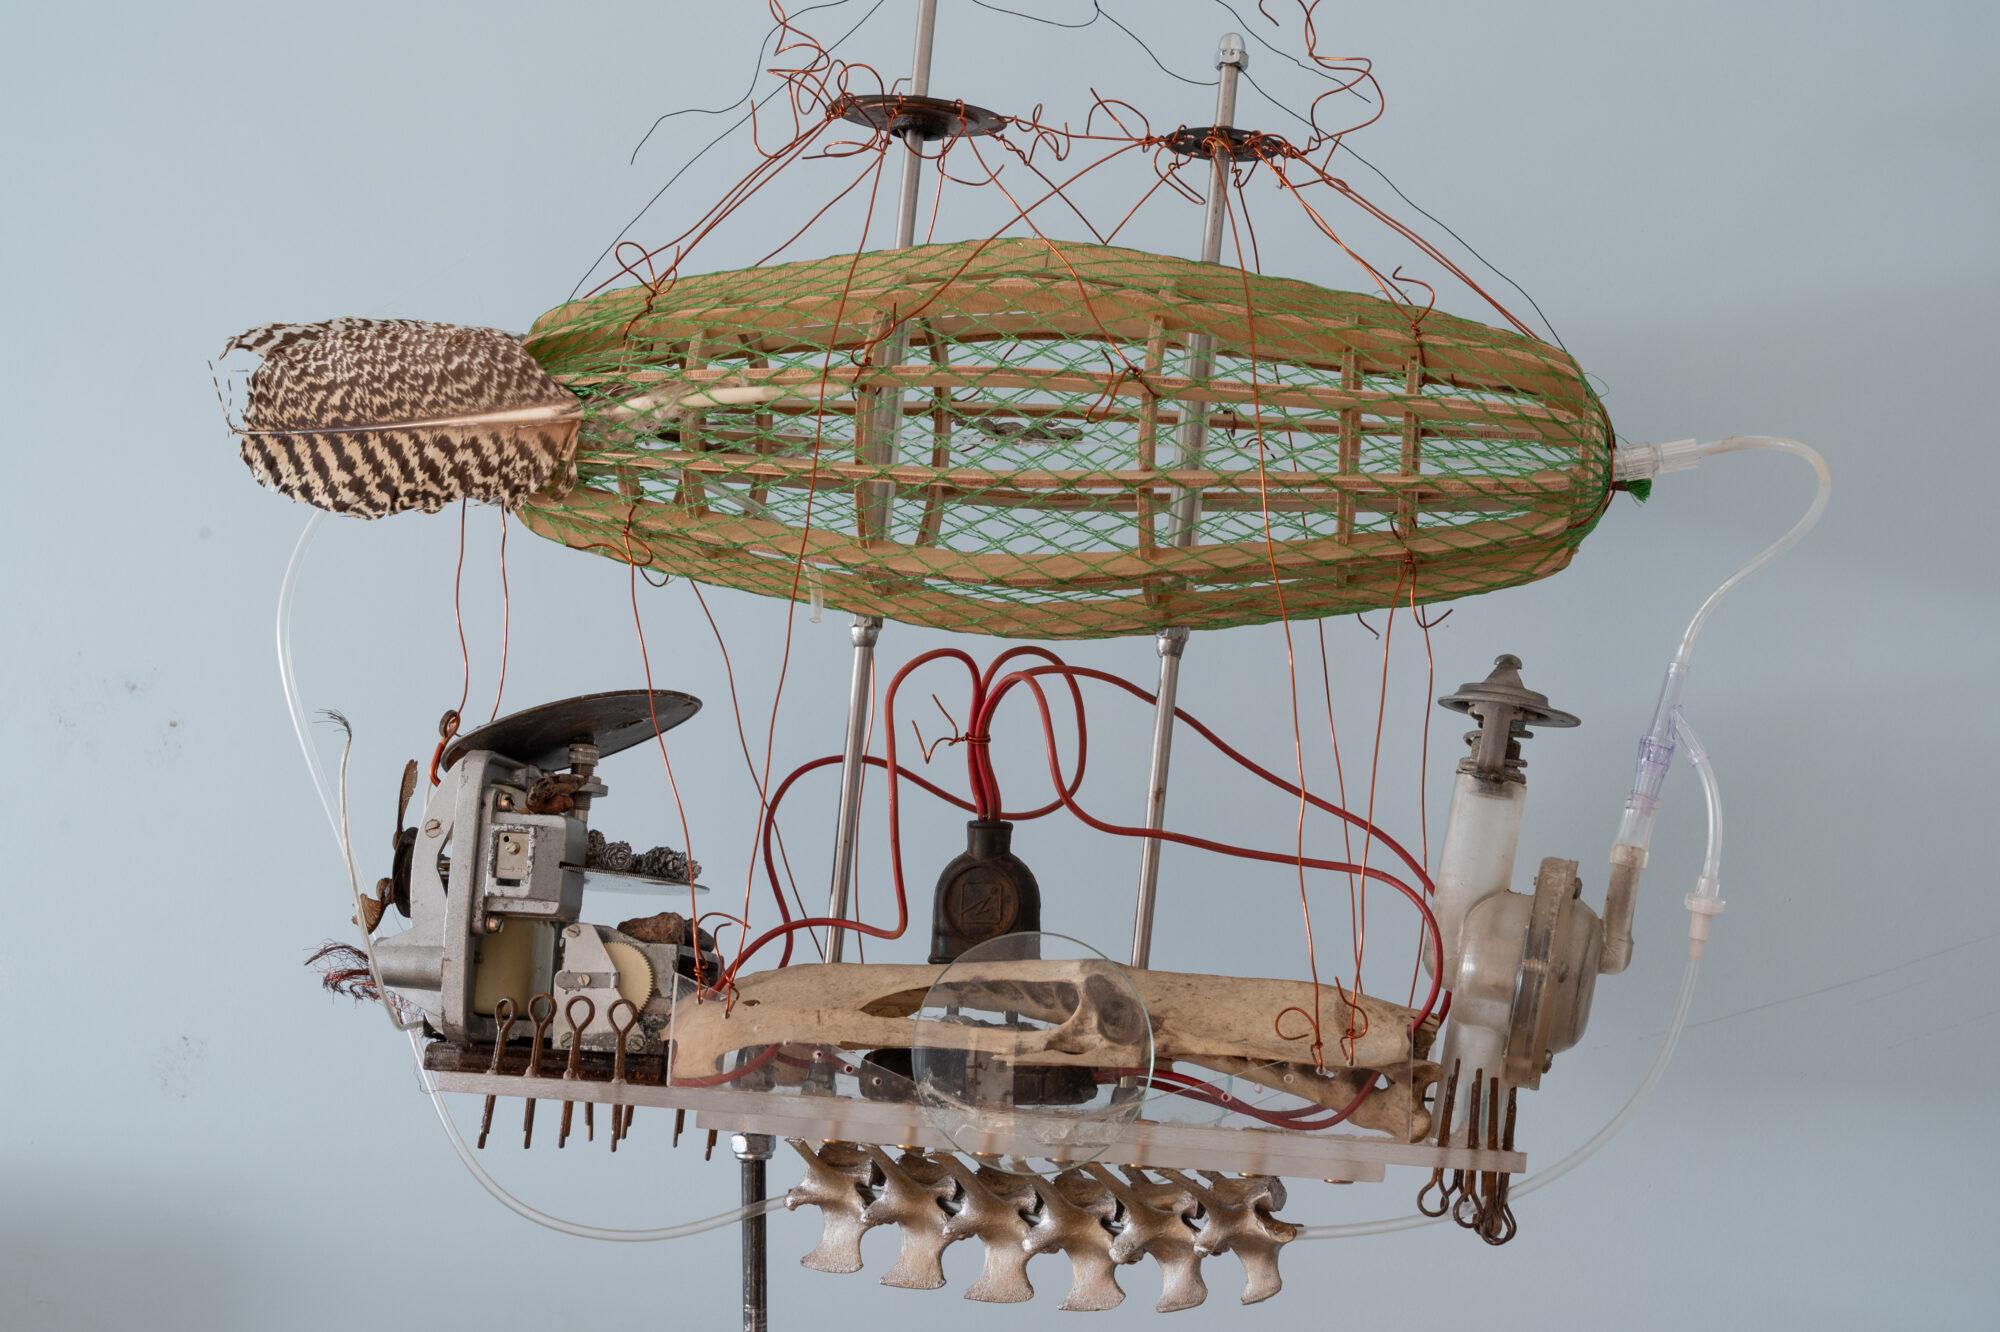 Vloot van vreemde schepen te zien in Kunstenlab te Deventer